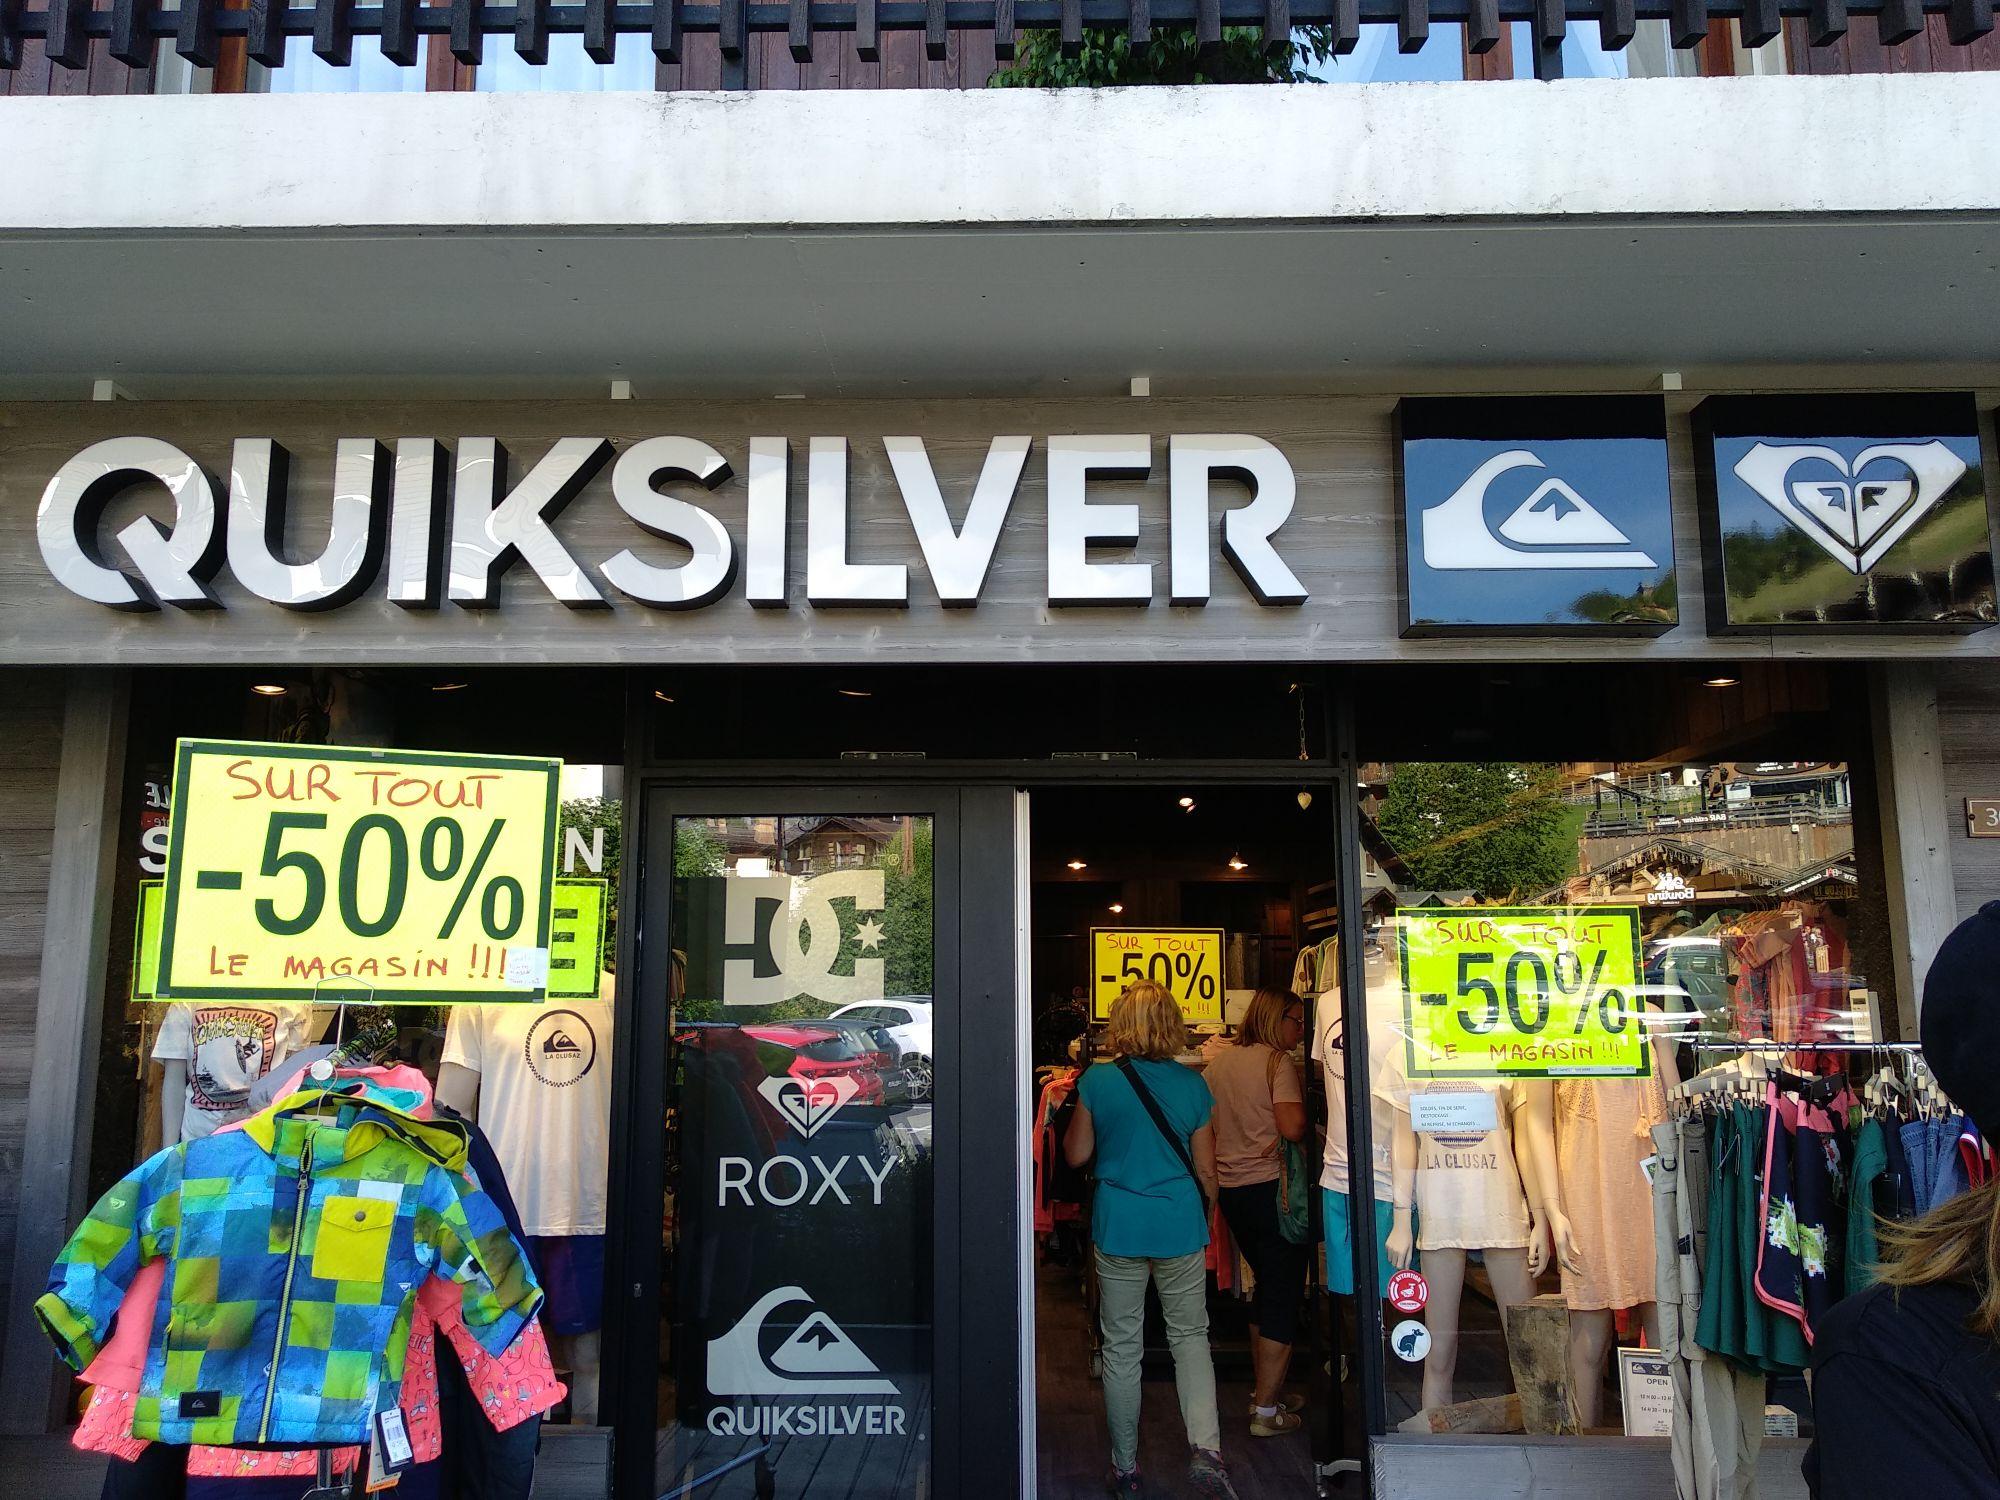 50% de réduction sur tout le magasin - La Clusaz (74)